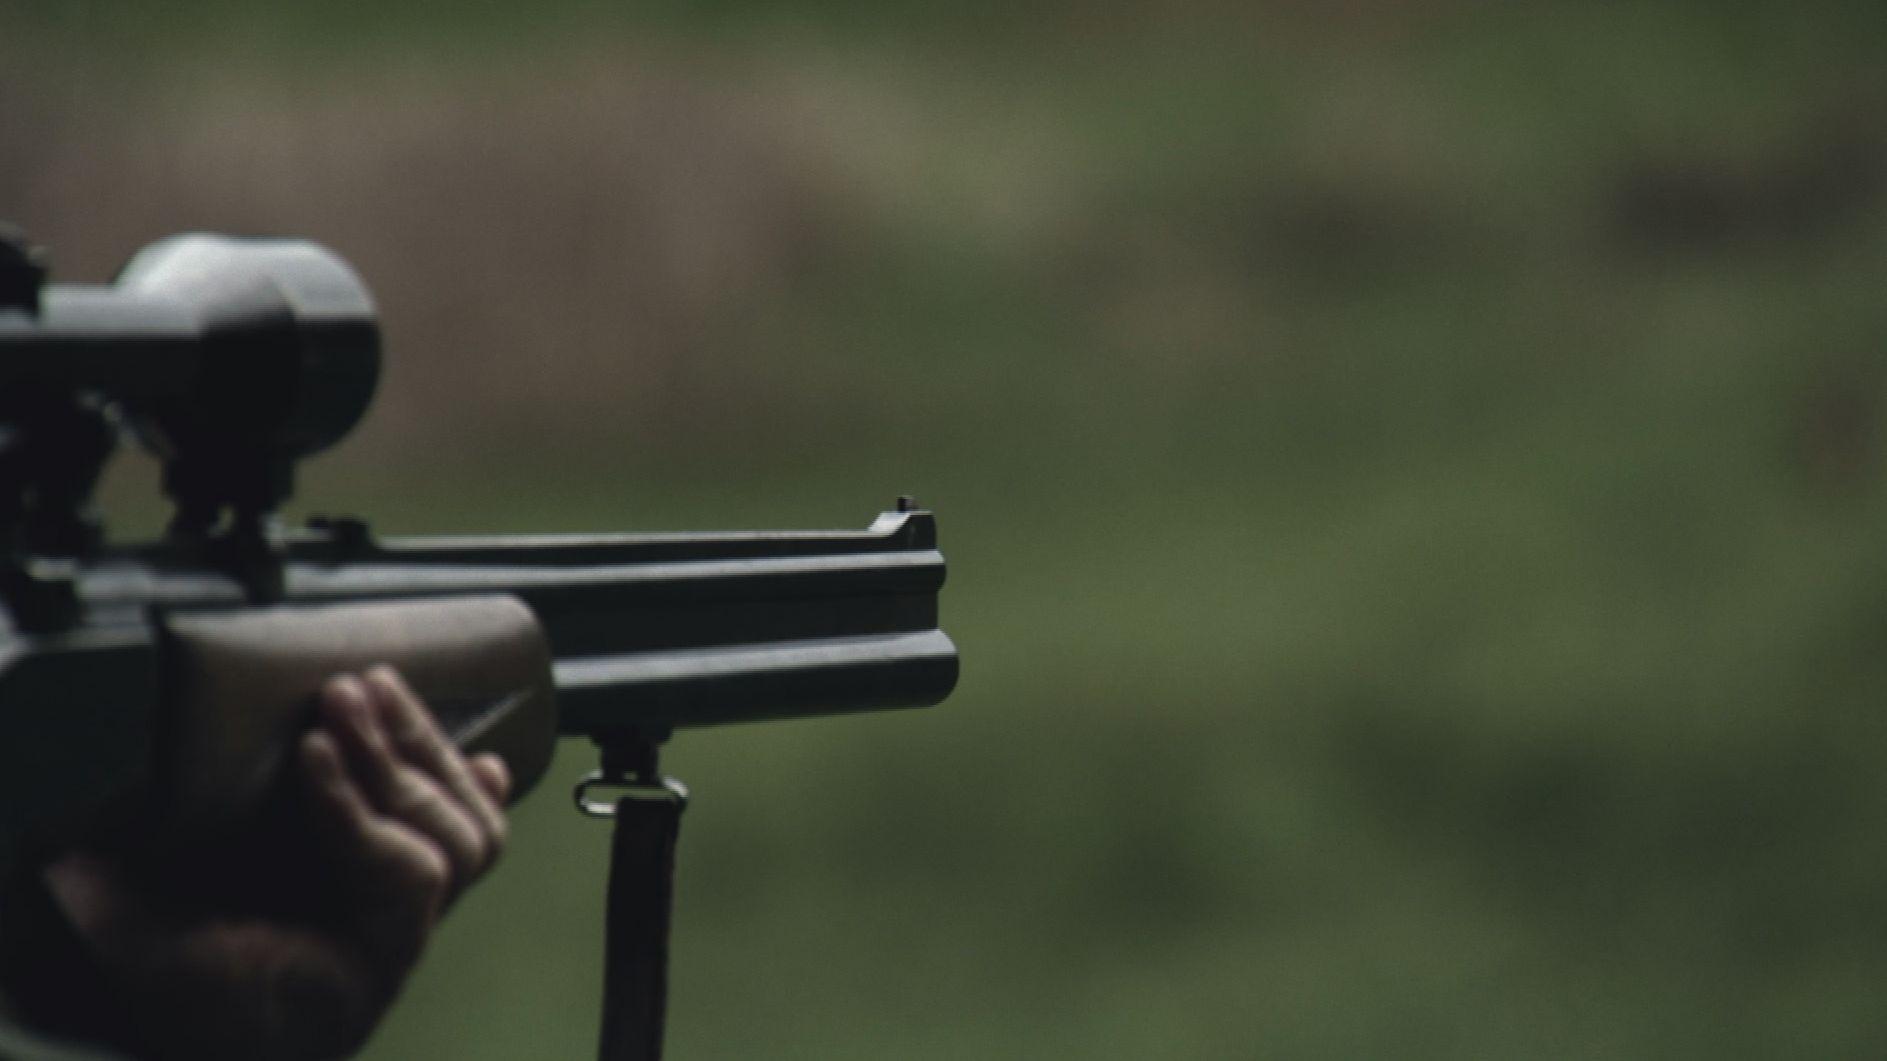 Der Lauf eines Gewehrs mit Zielfernrohr ragt von links ins Bild.